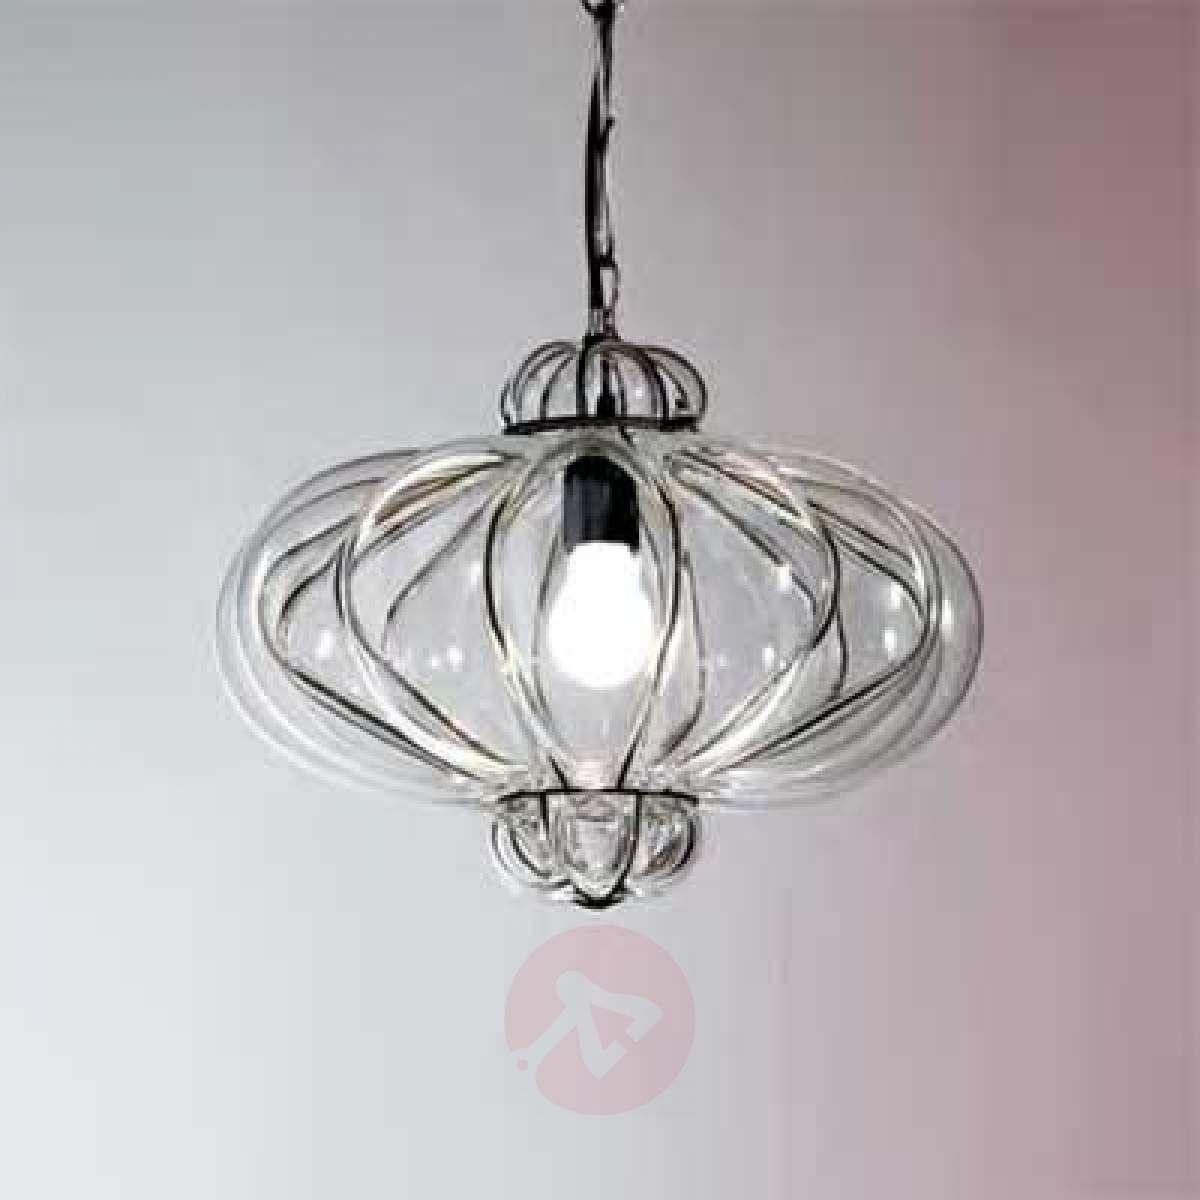 Klasyczna Lampa Wisząca Sultano 24 Cm Lampy Wiszące W 2019